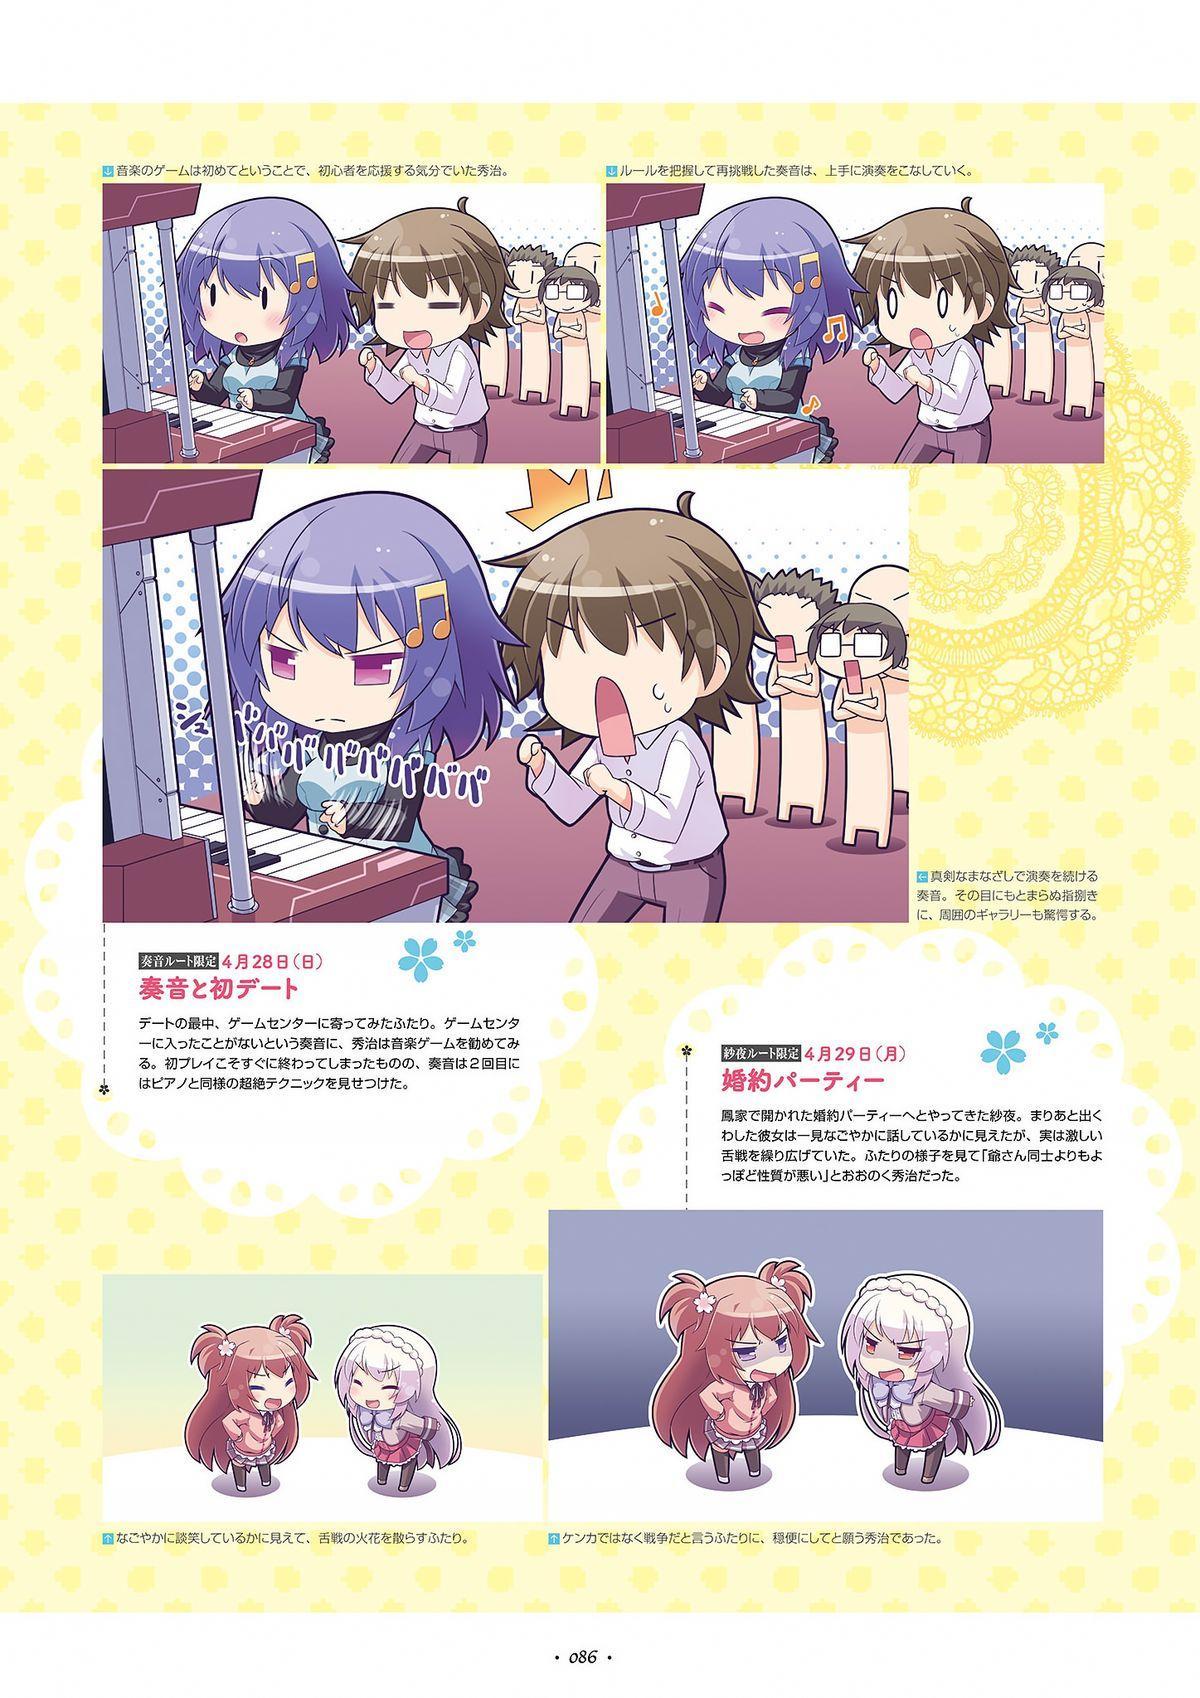 Shukufuku no Kane no Oto wa, Sakura-iro no Kaze to Tomo ni Visual Fanbook 87